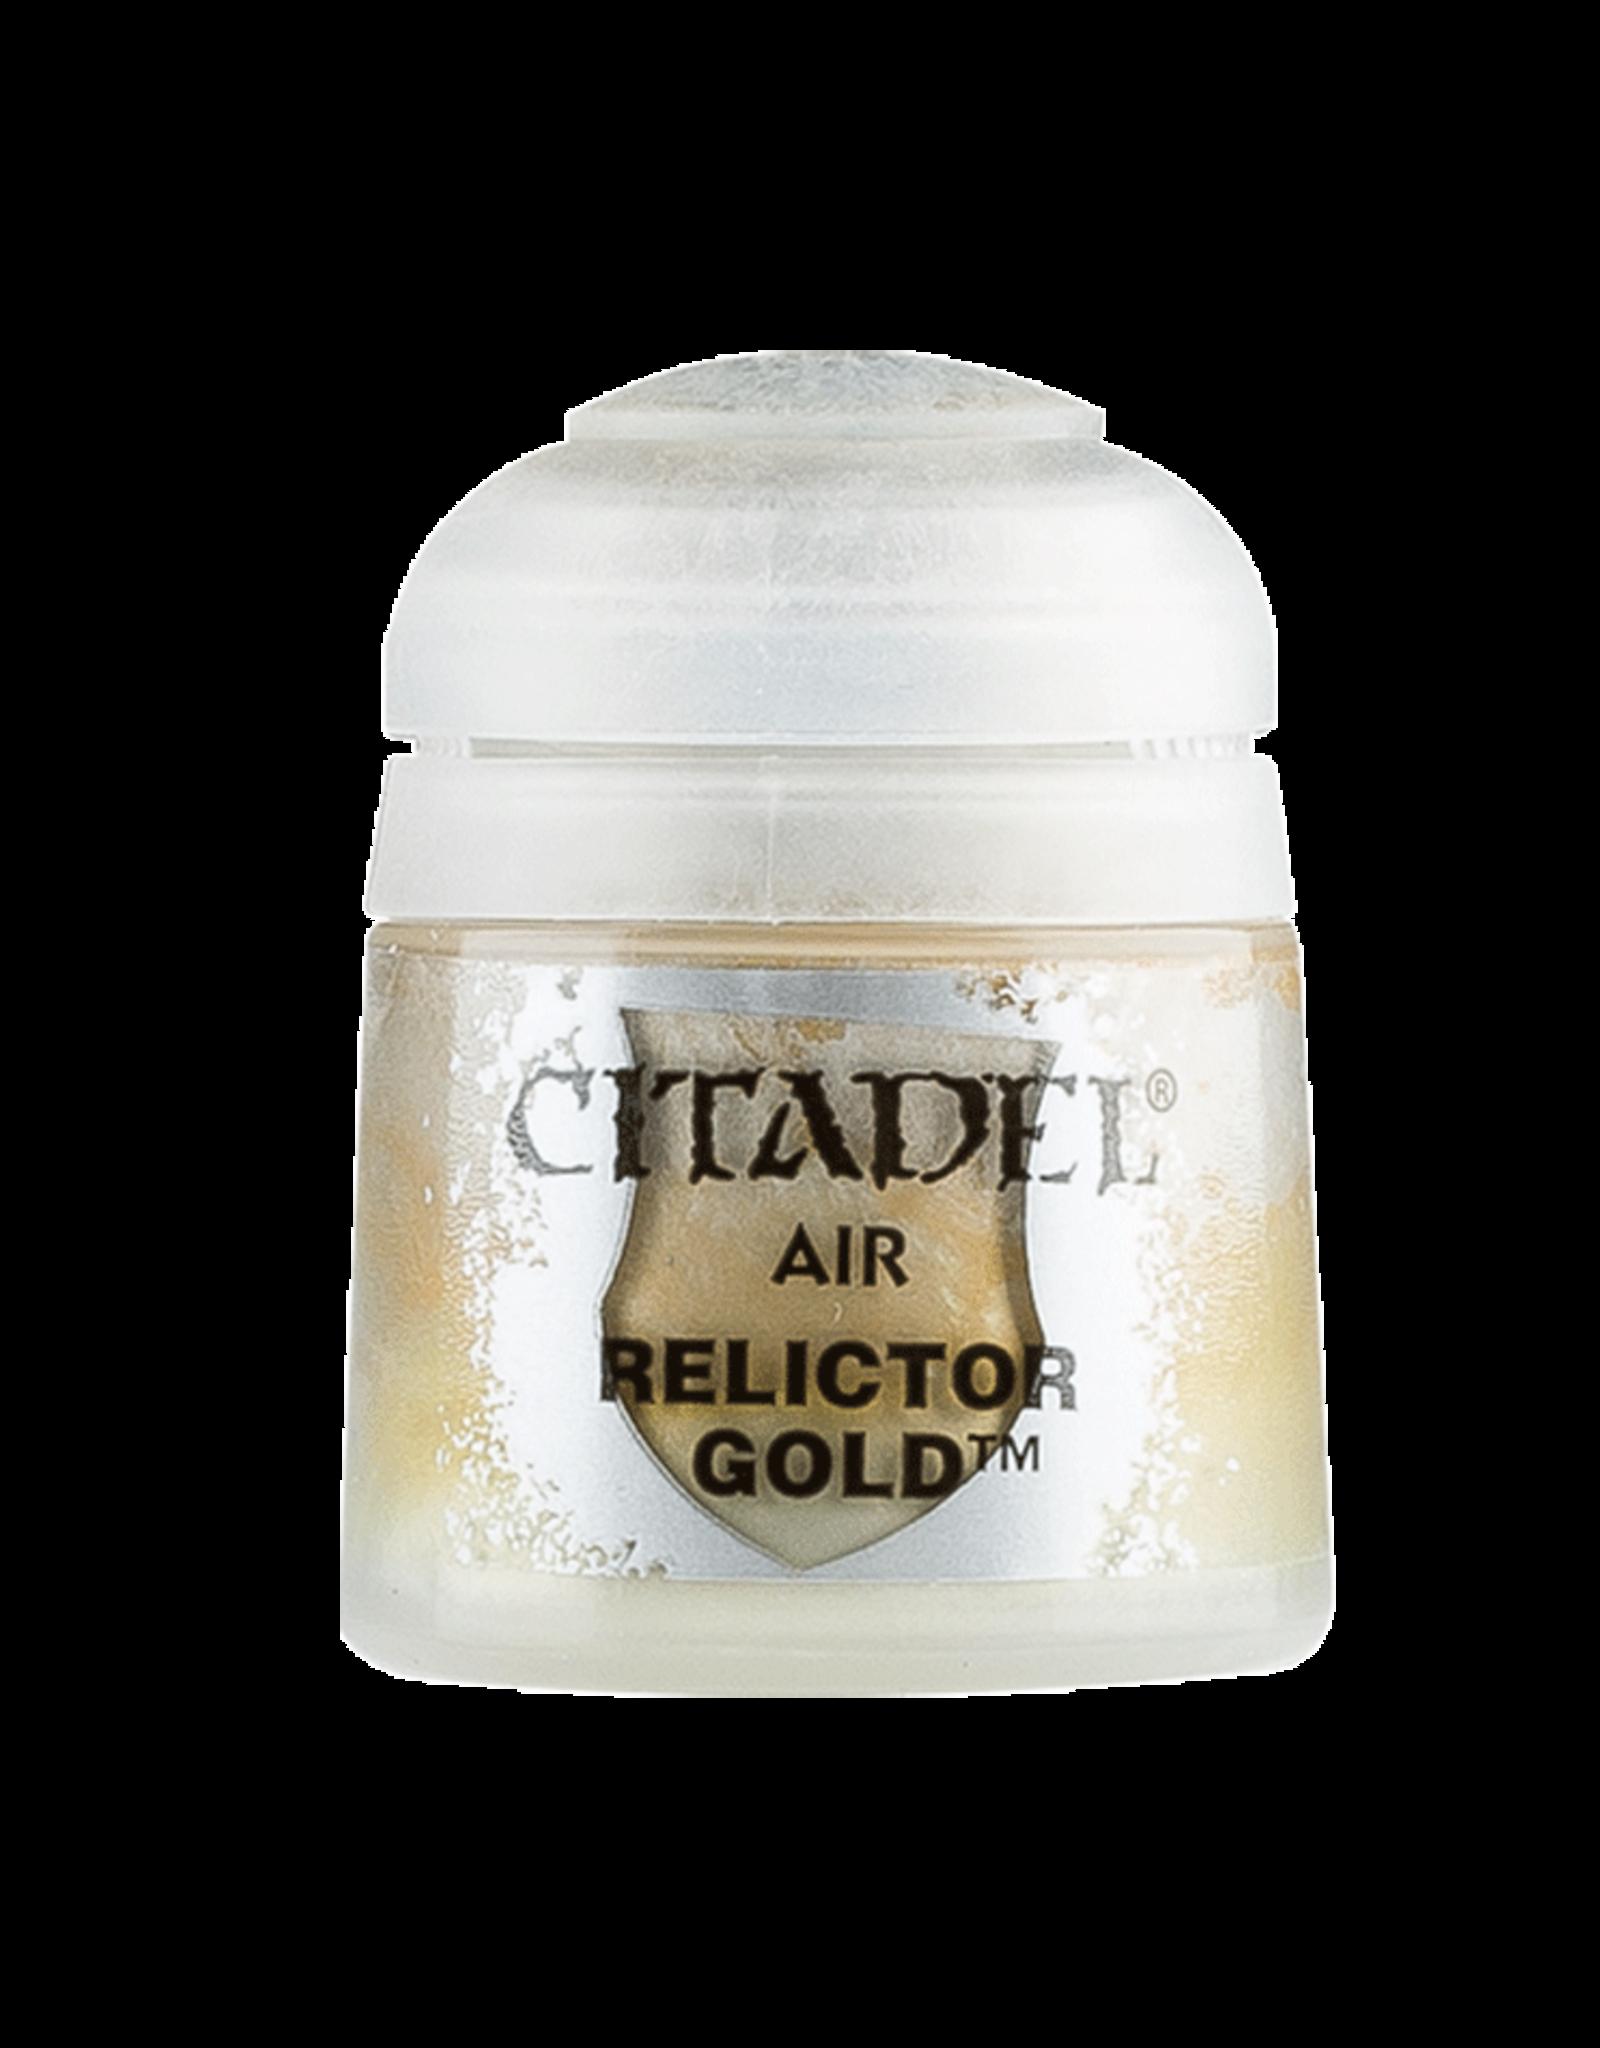 Citadel Citadel Air: Relictor Gold (24ml)